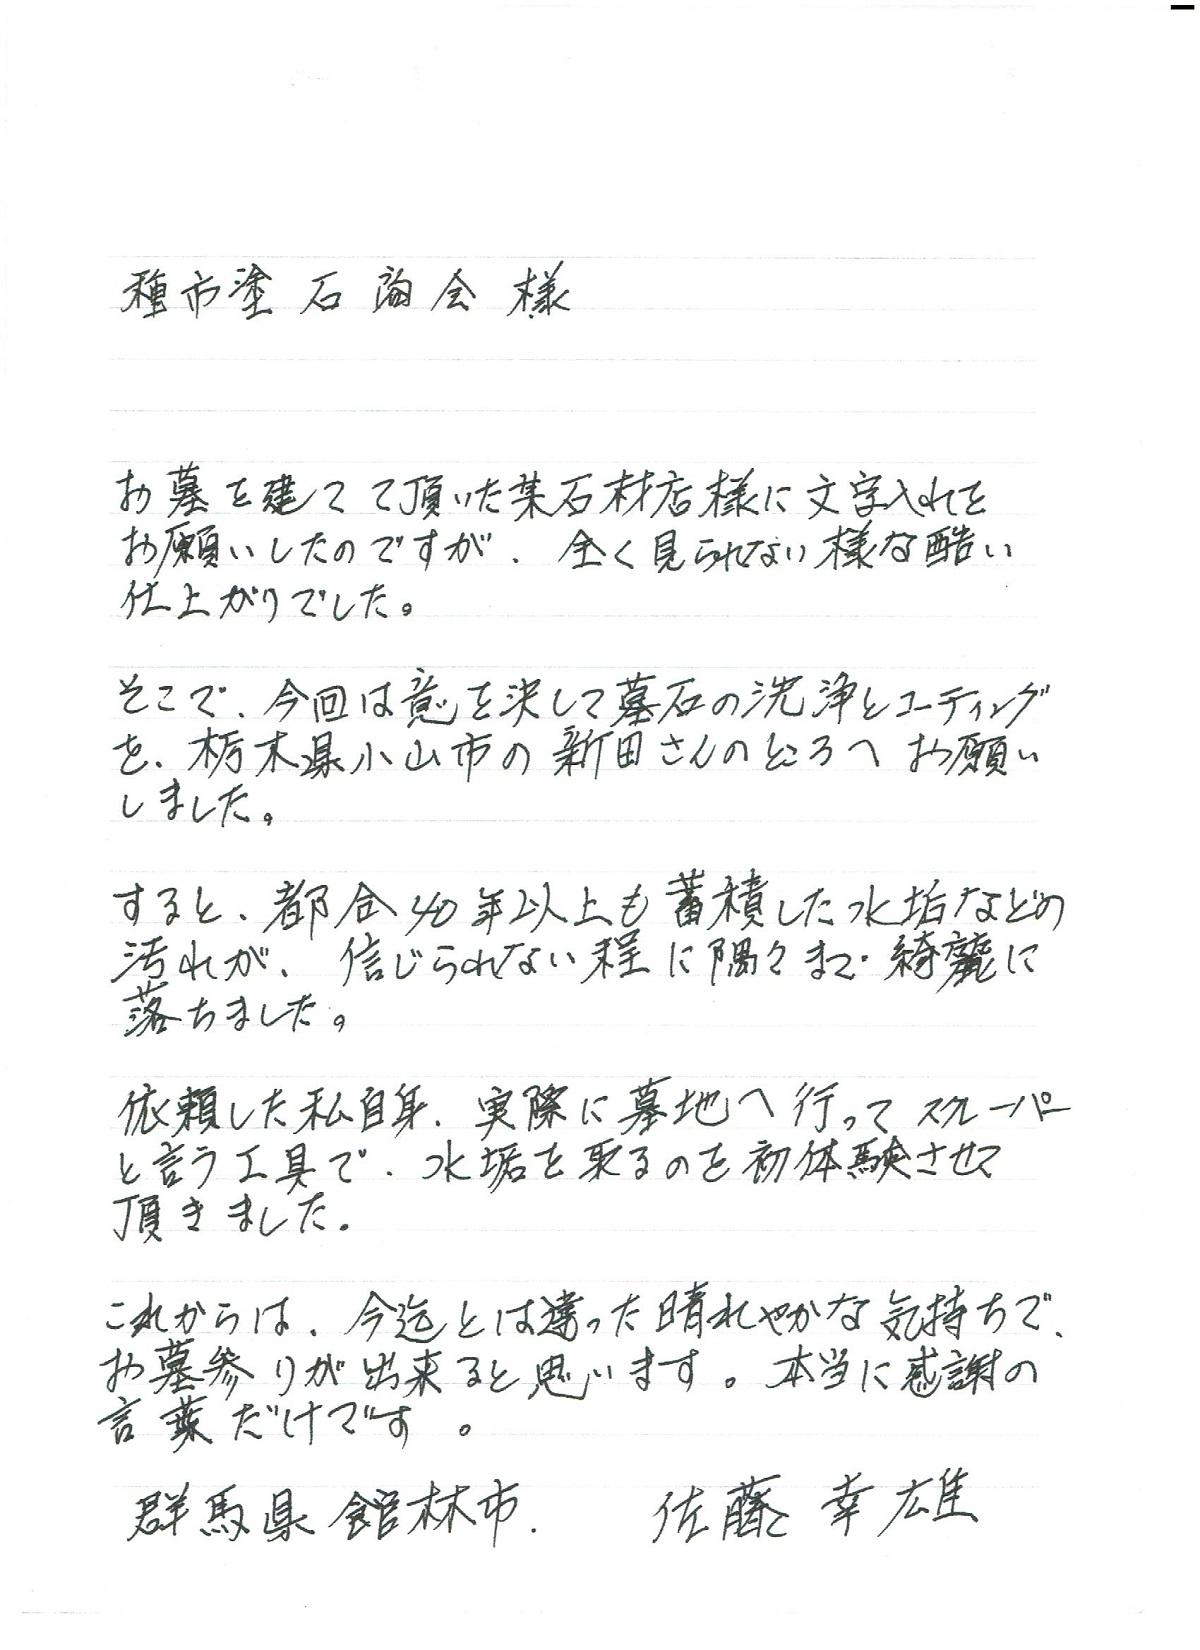 群馬県館林市  佐藤 幸雄  様様から頂いたお手紙の写真